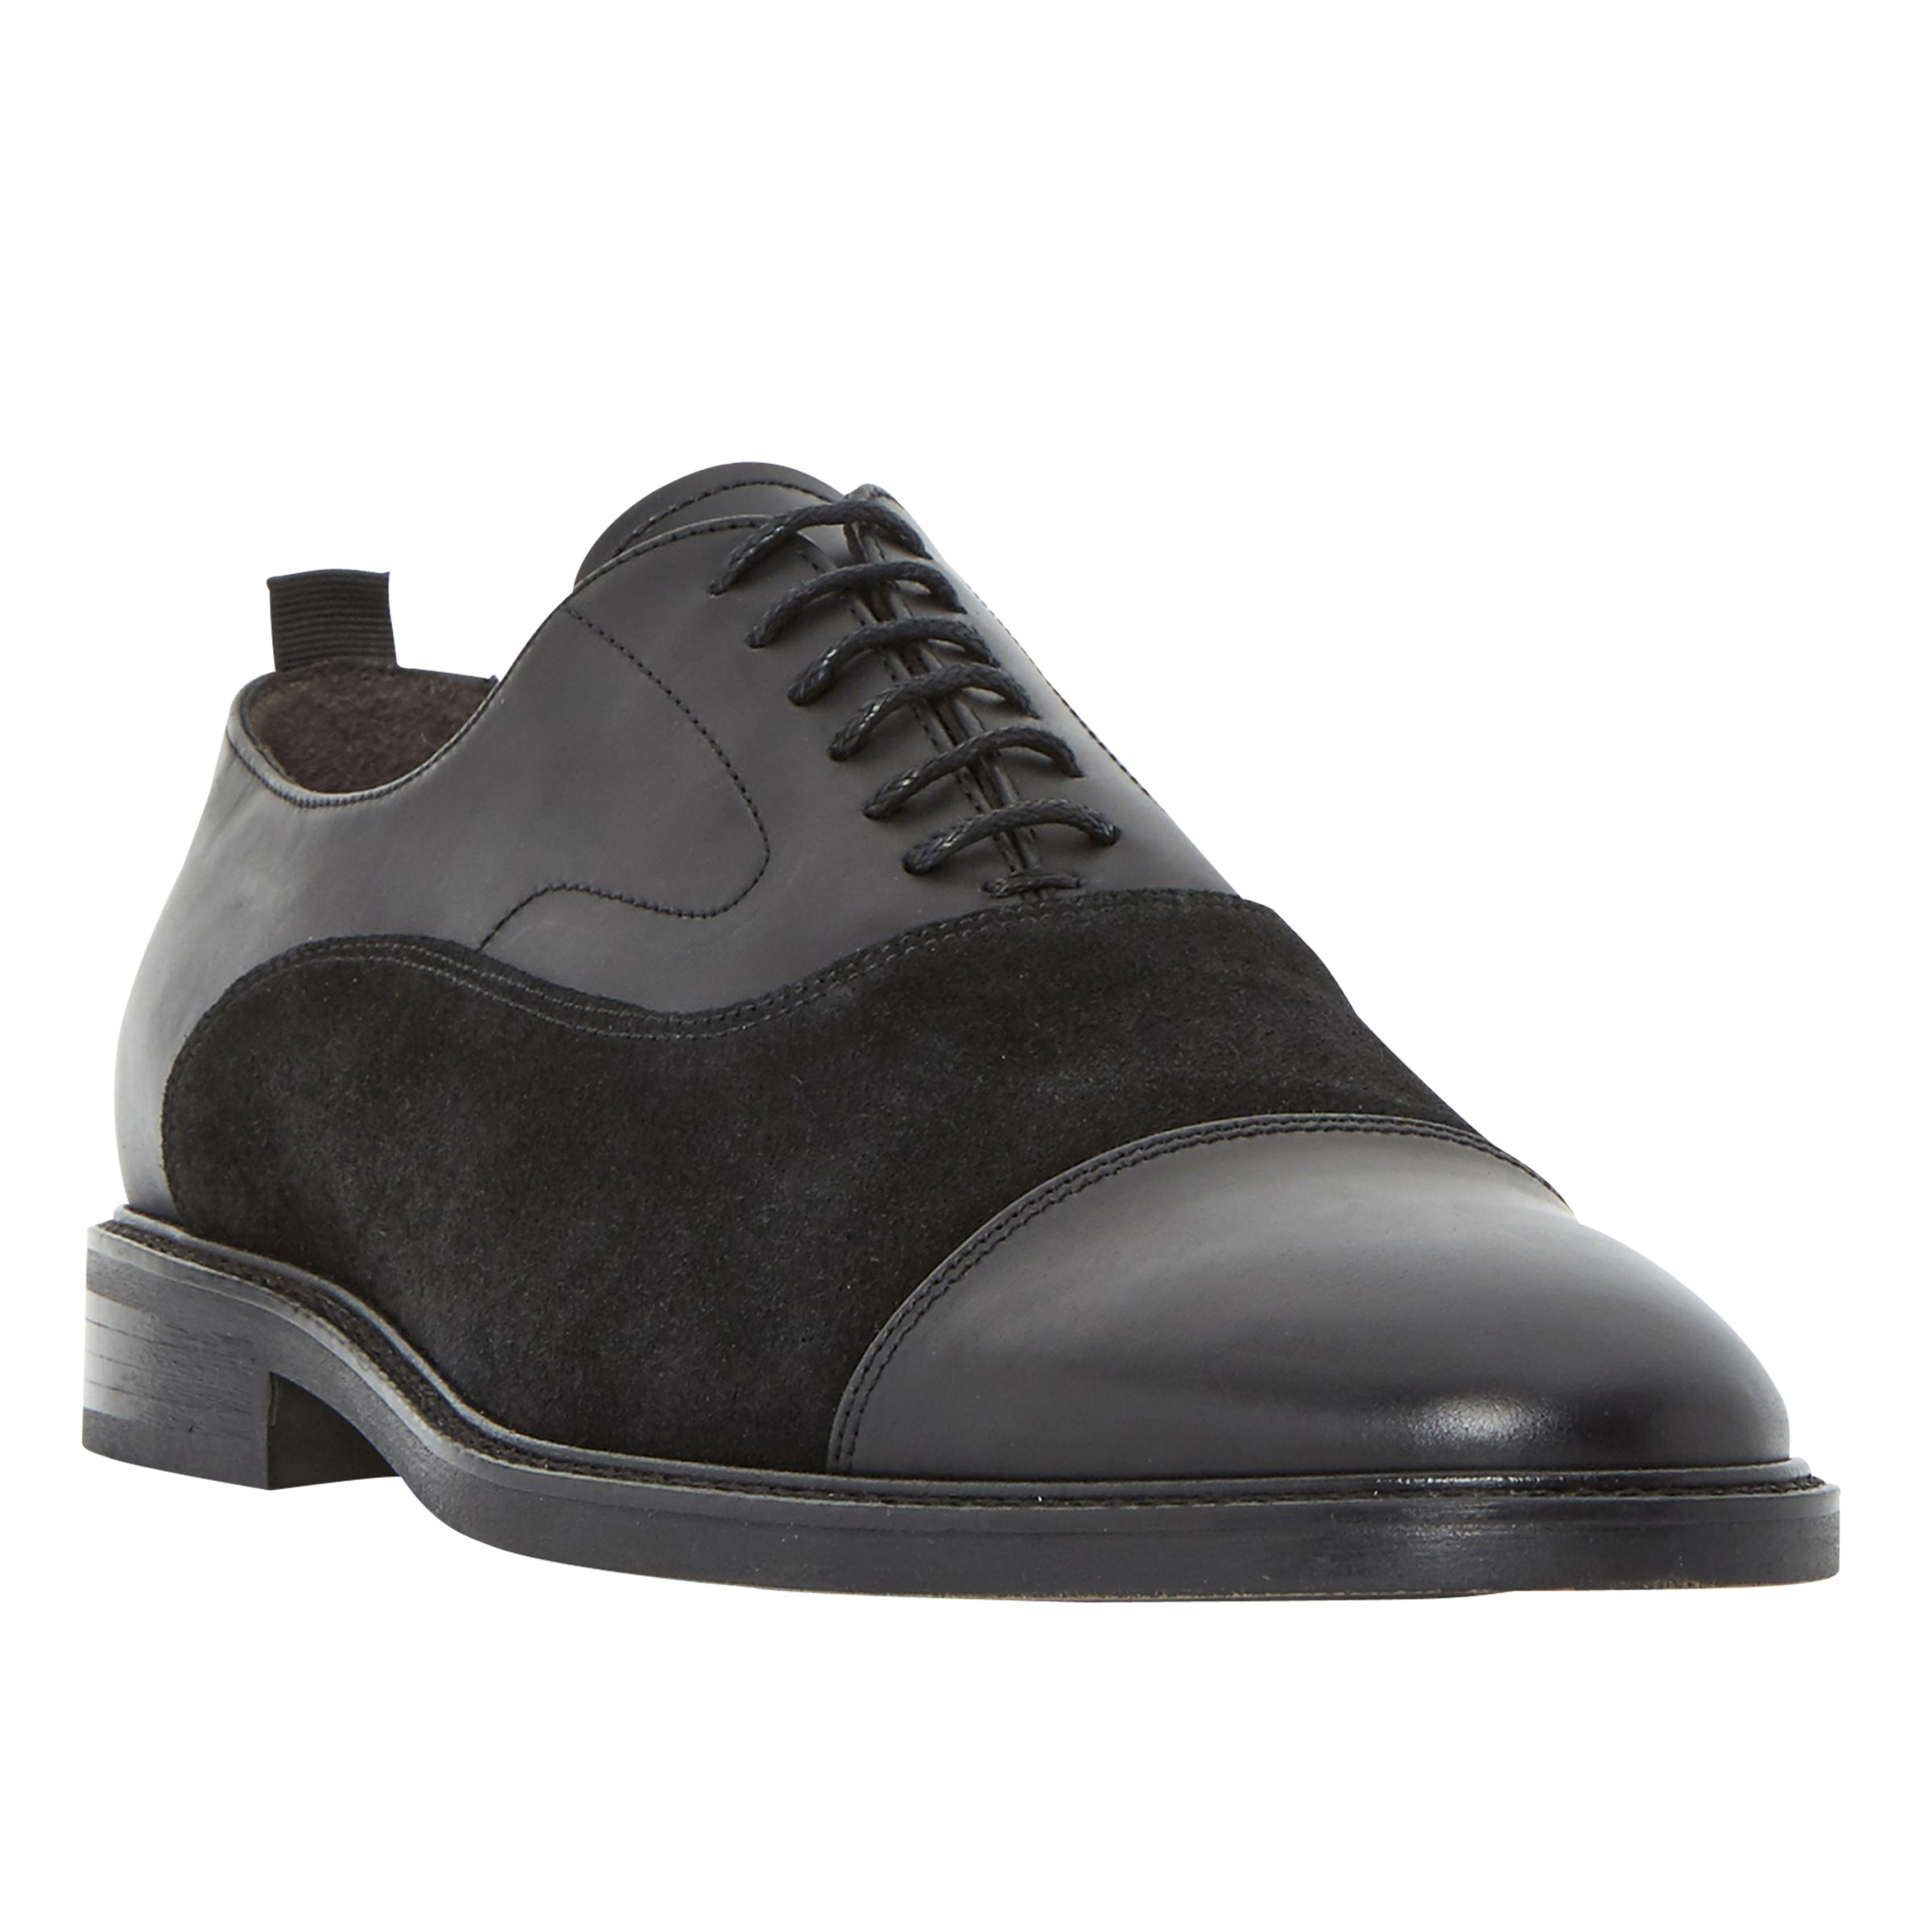 Bertie Bertie Pretender Oxford Shoes